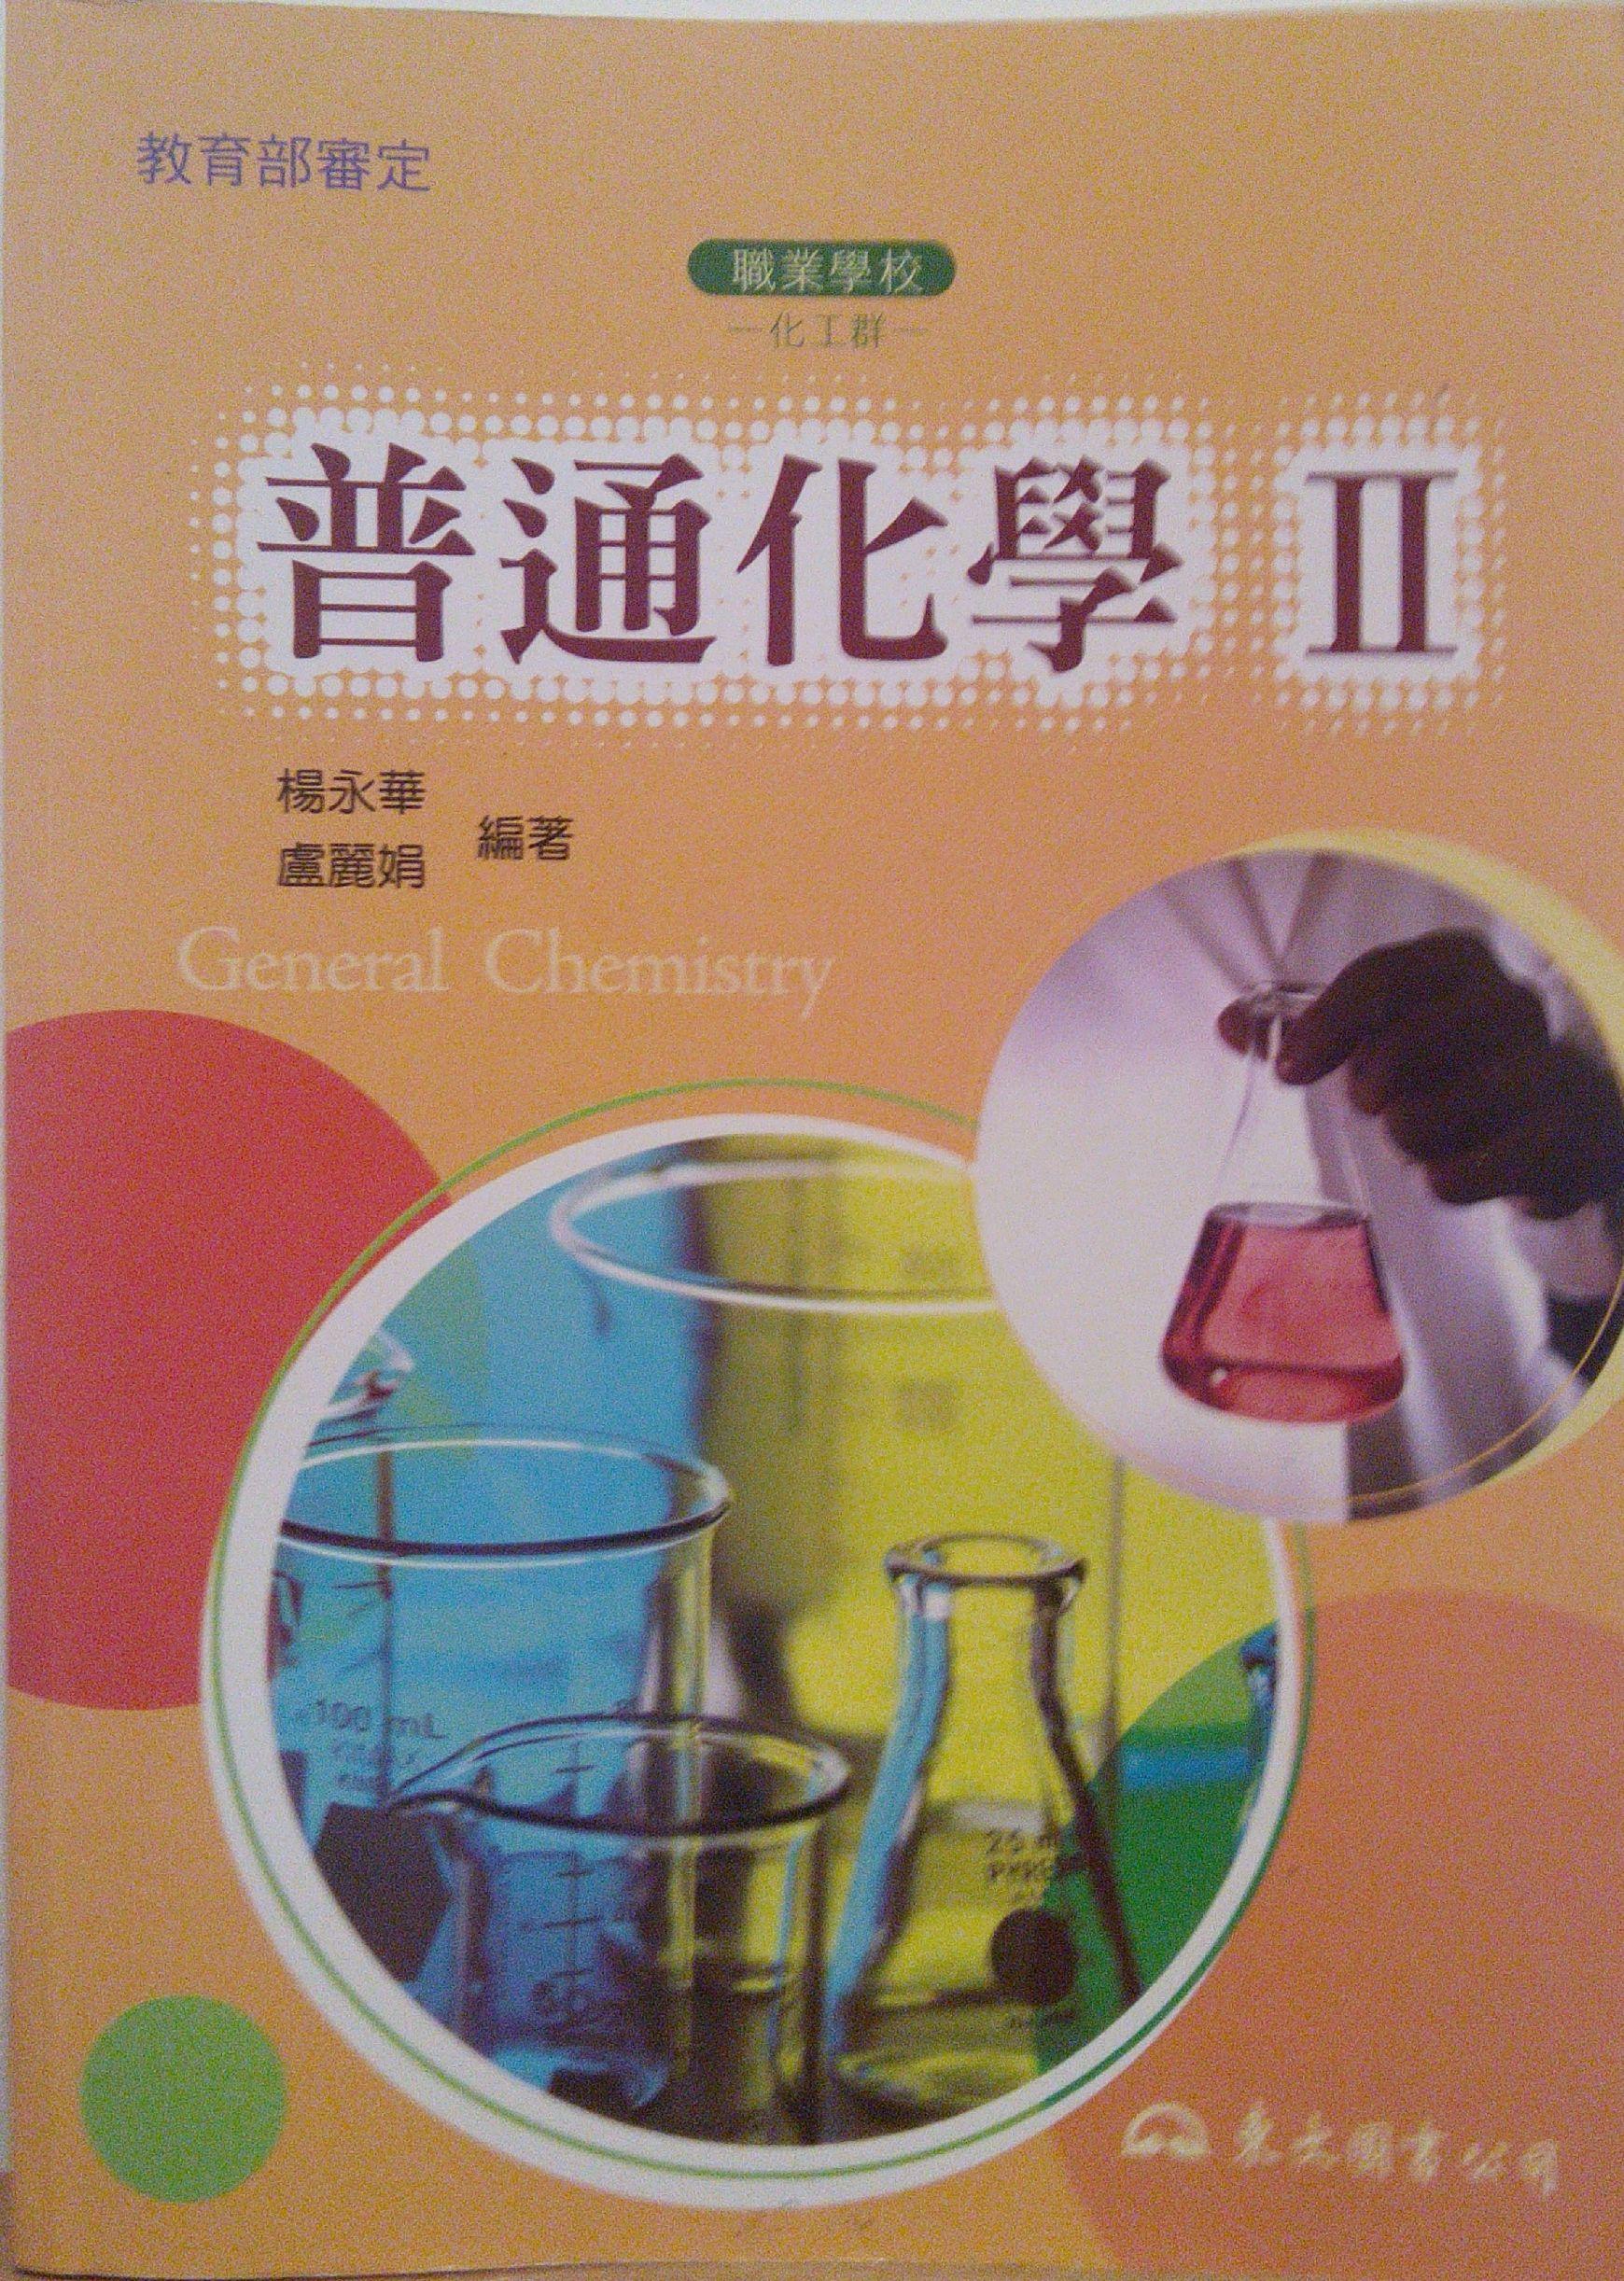 普通化學 2